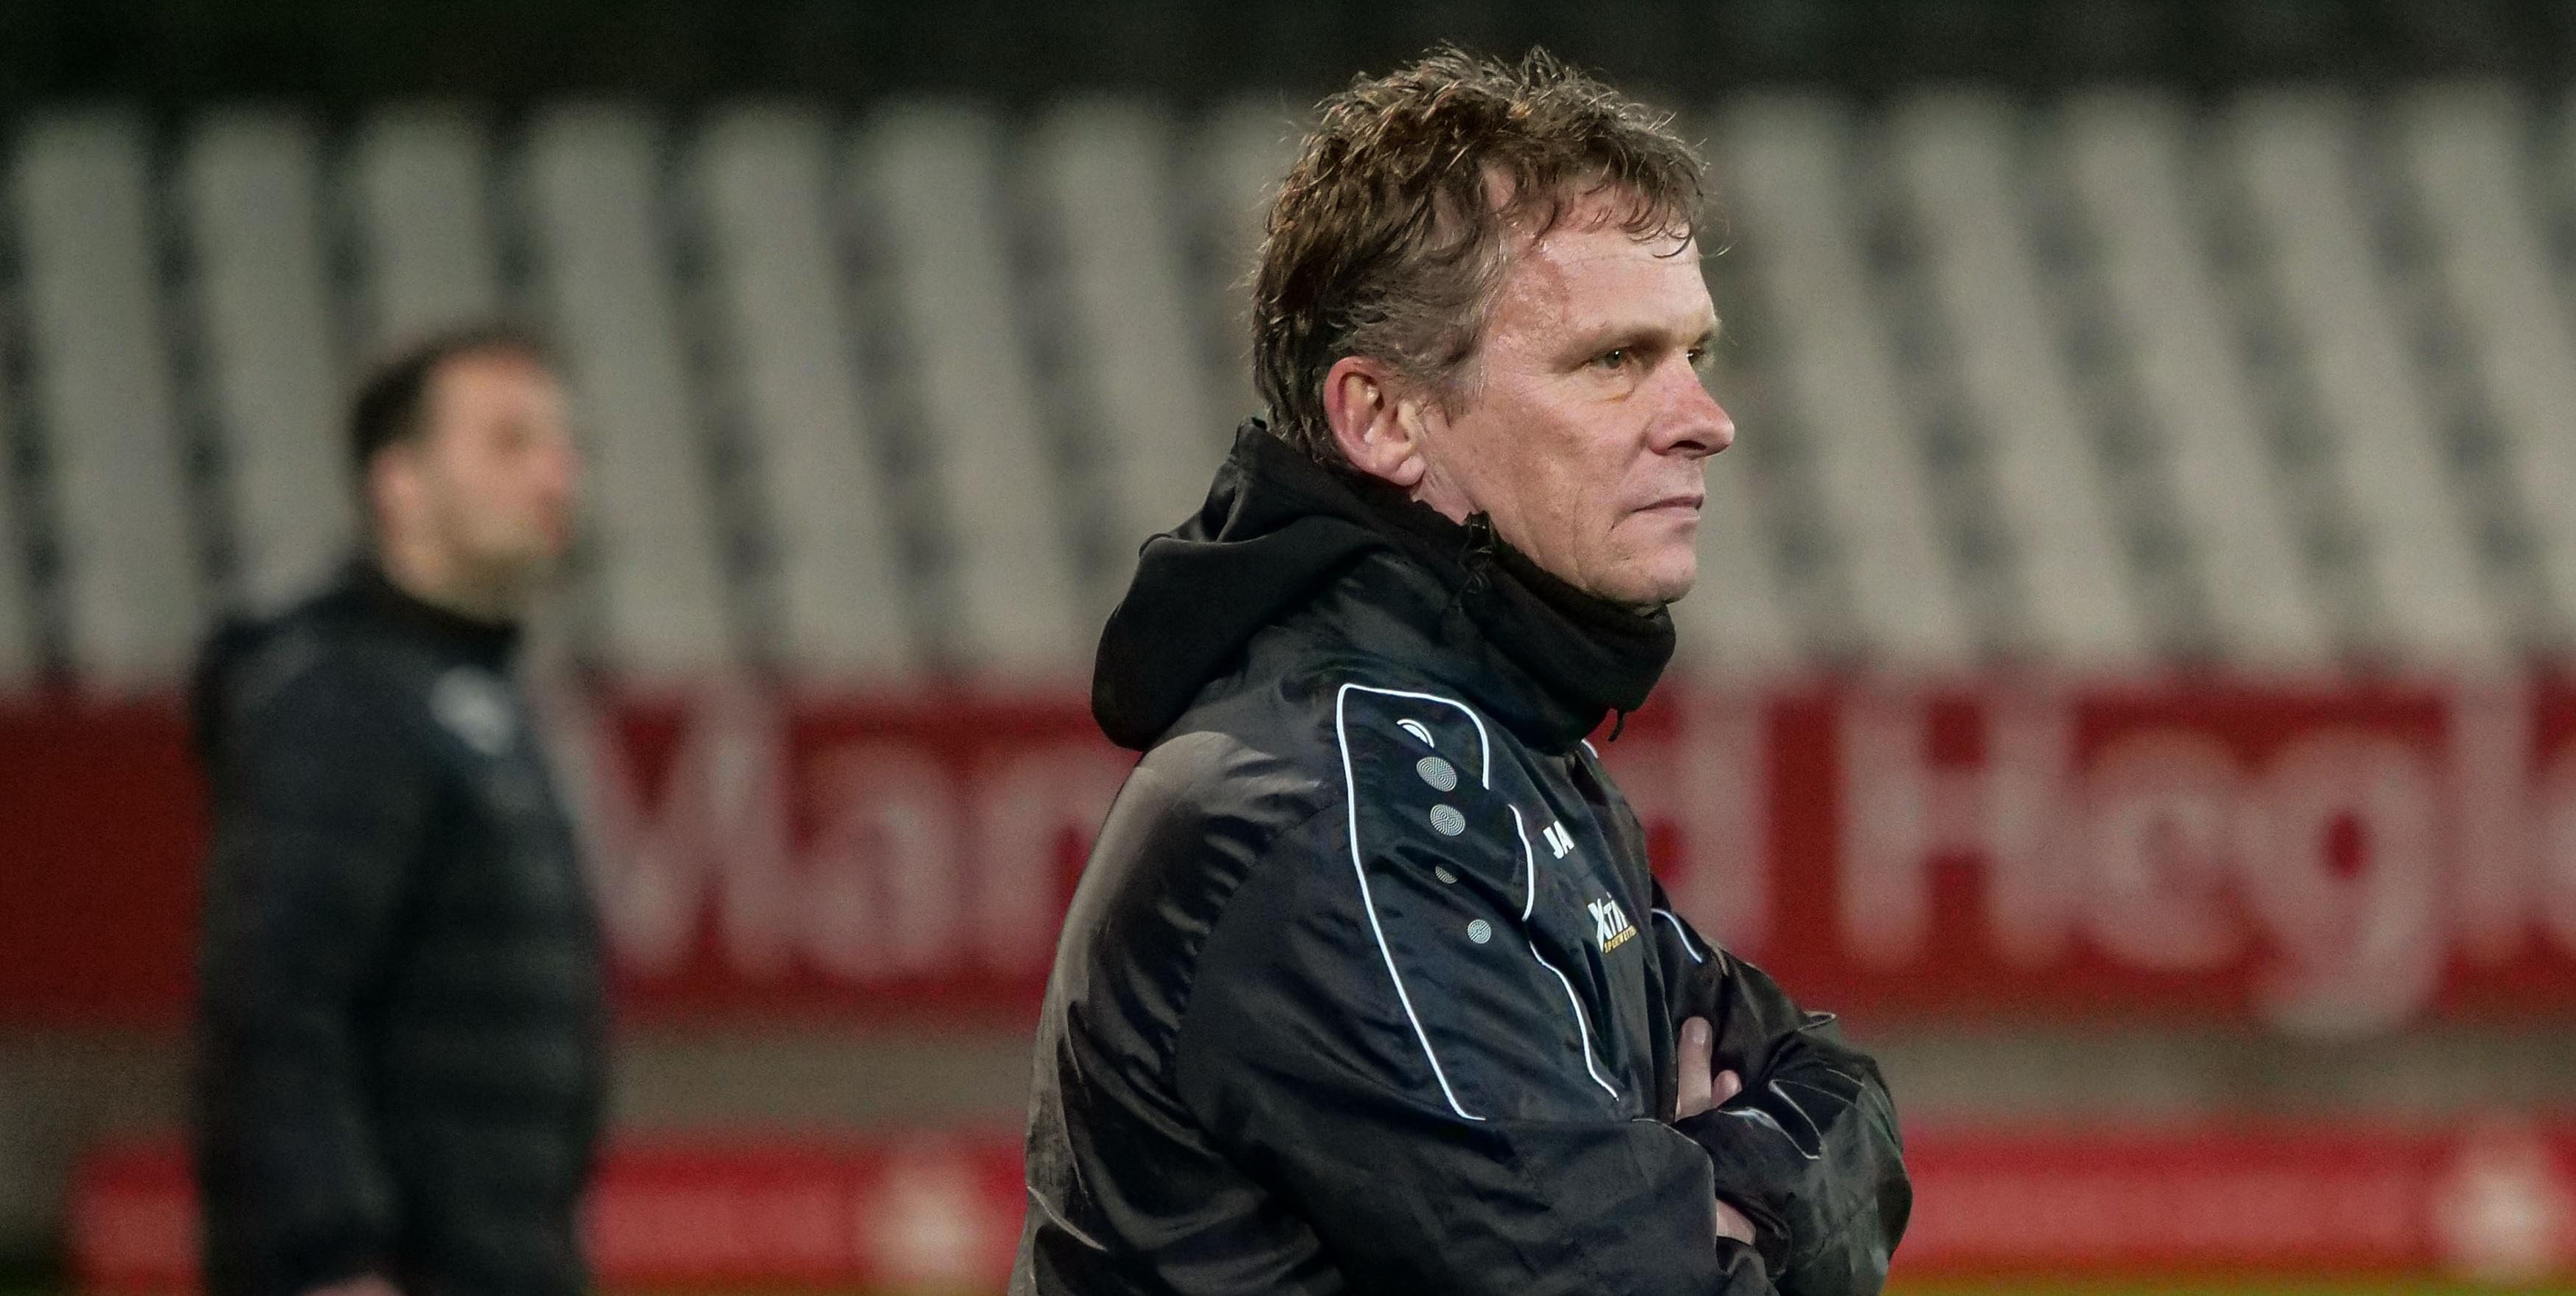 Karsten Neitzel wird gegen den SG Wattenscheid 09 in seinem 45. RWE-Pflichtspiel an der Seitenlinie stehen. (Foto: Gohl)